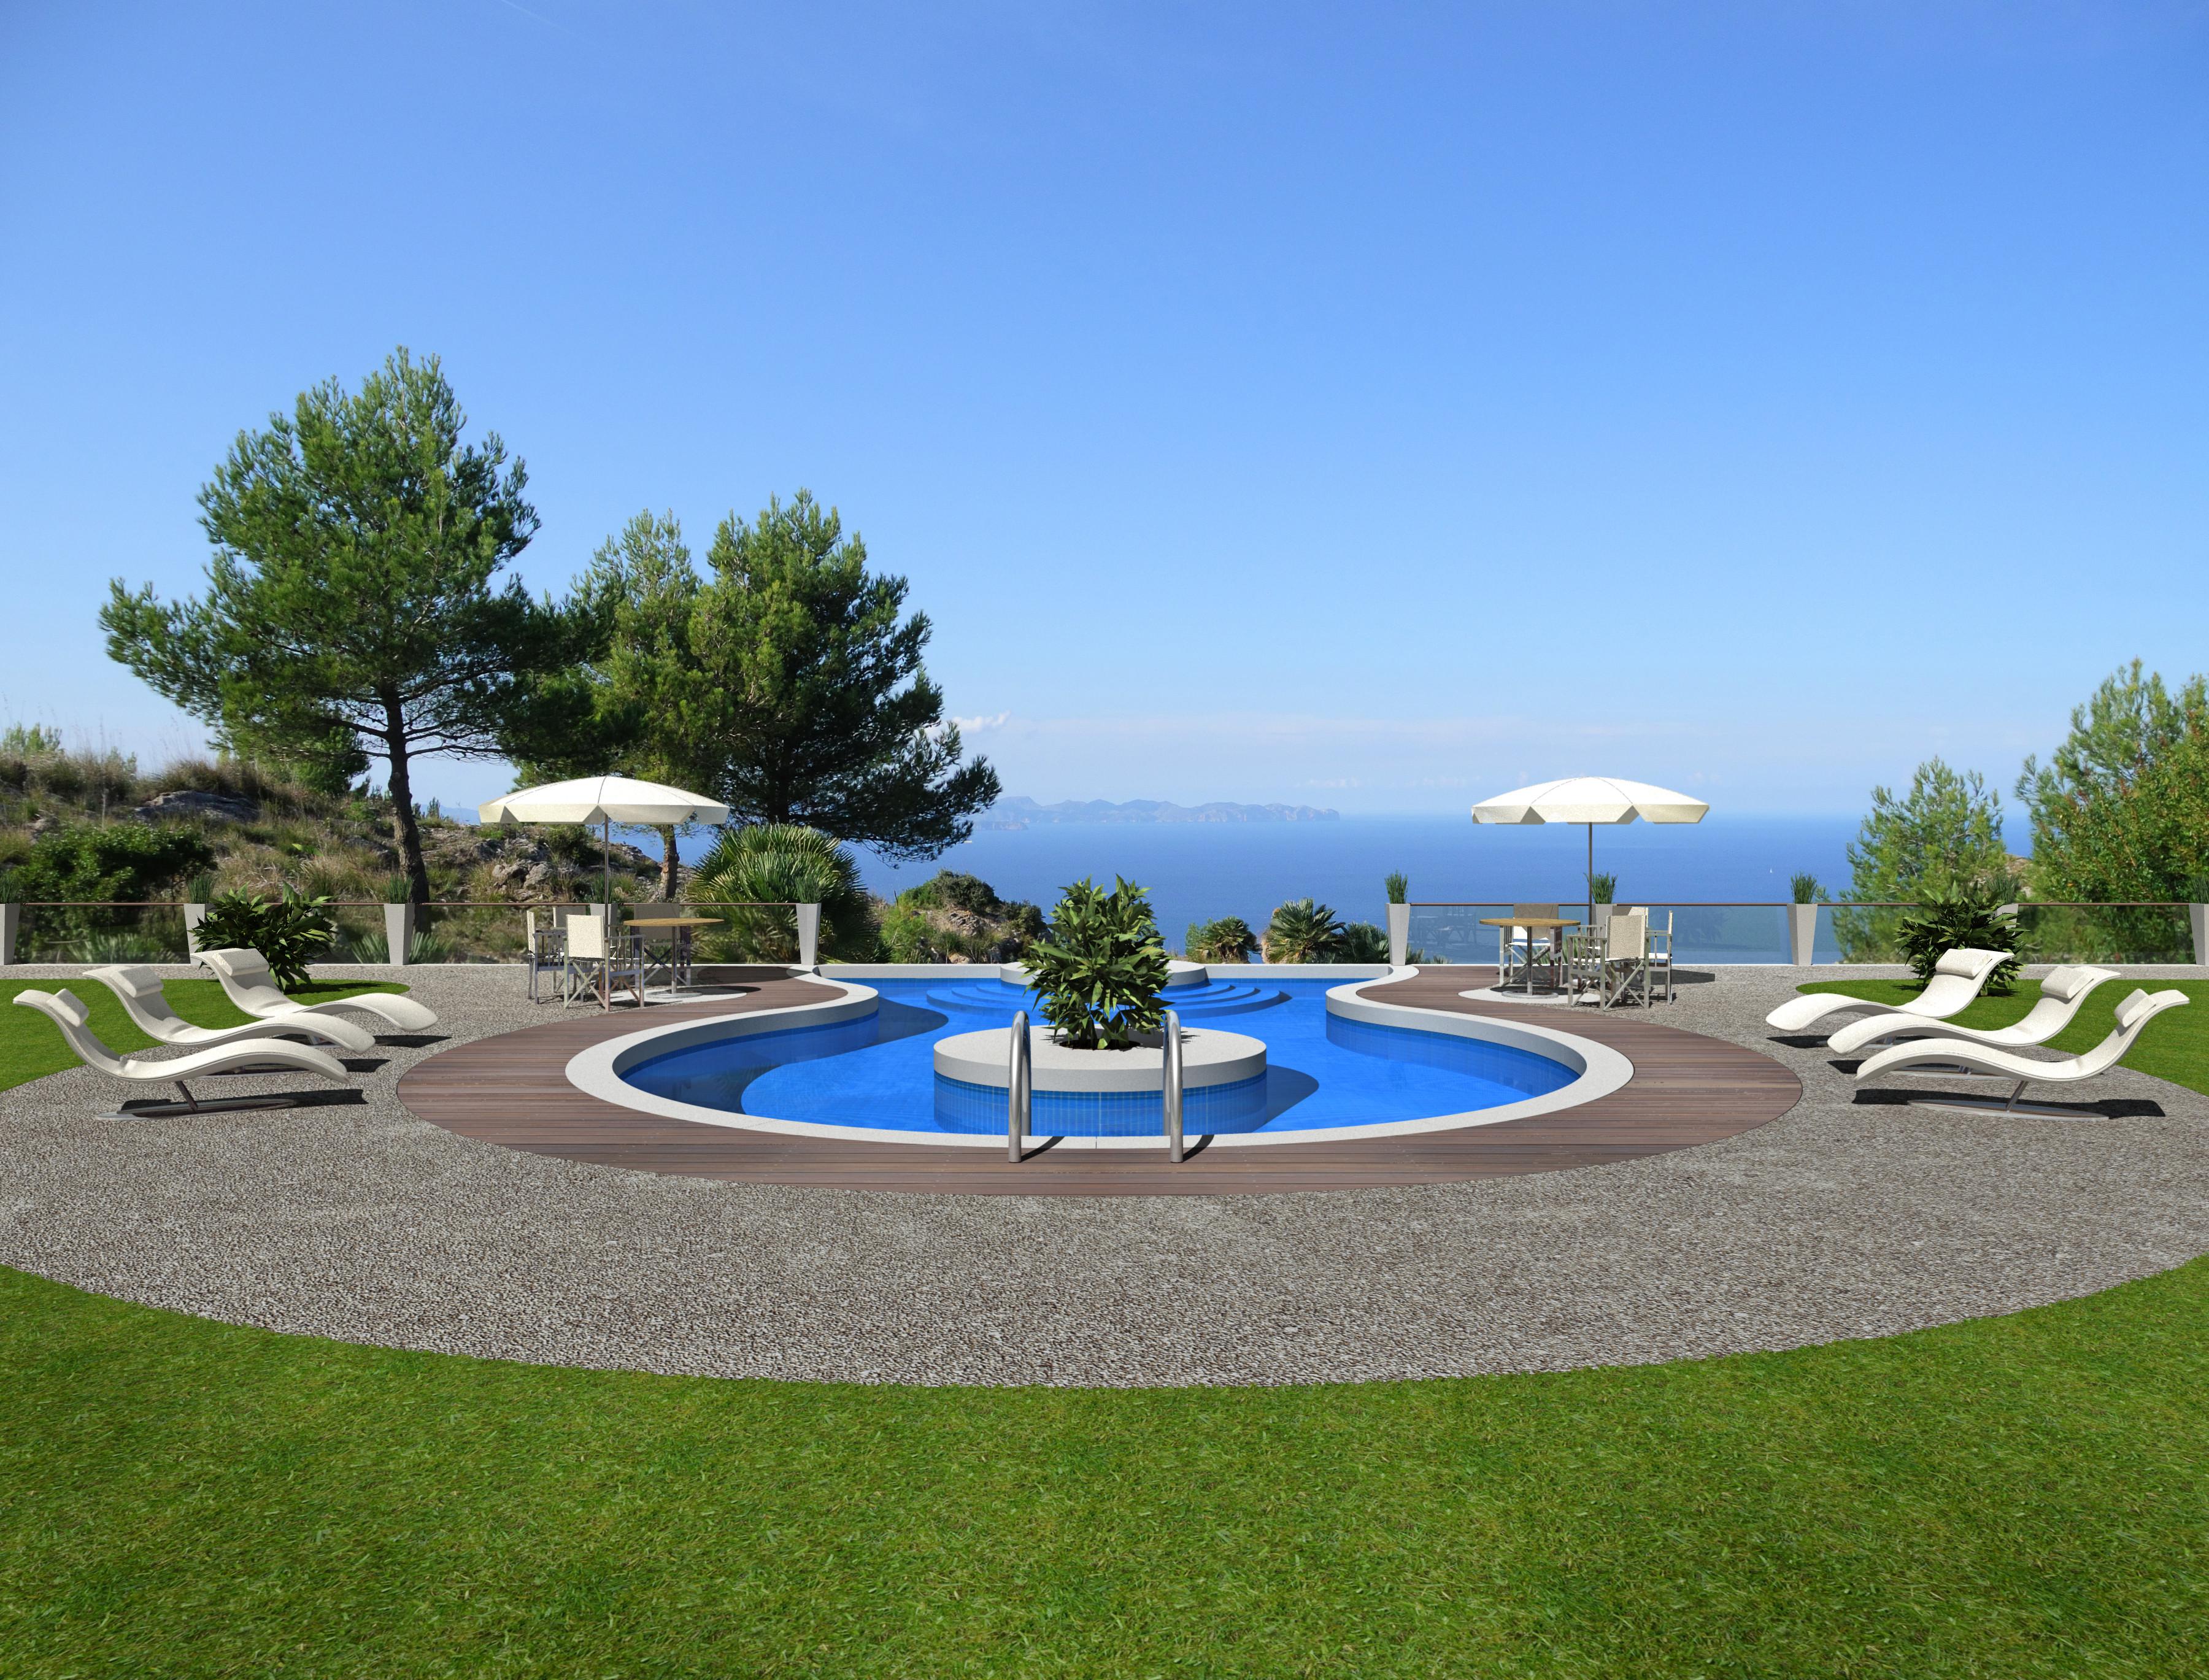 Realizzare una piscina sul terrazzo